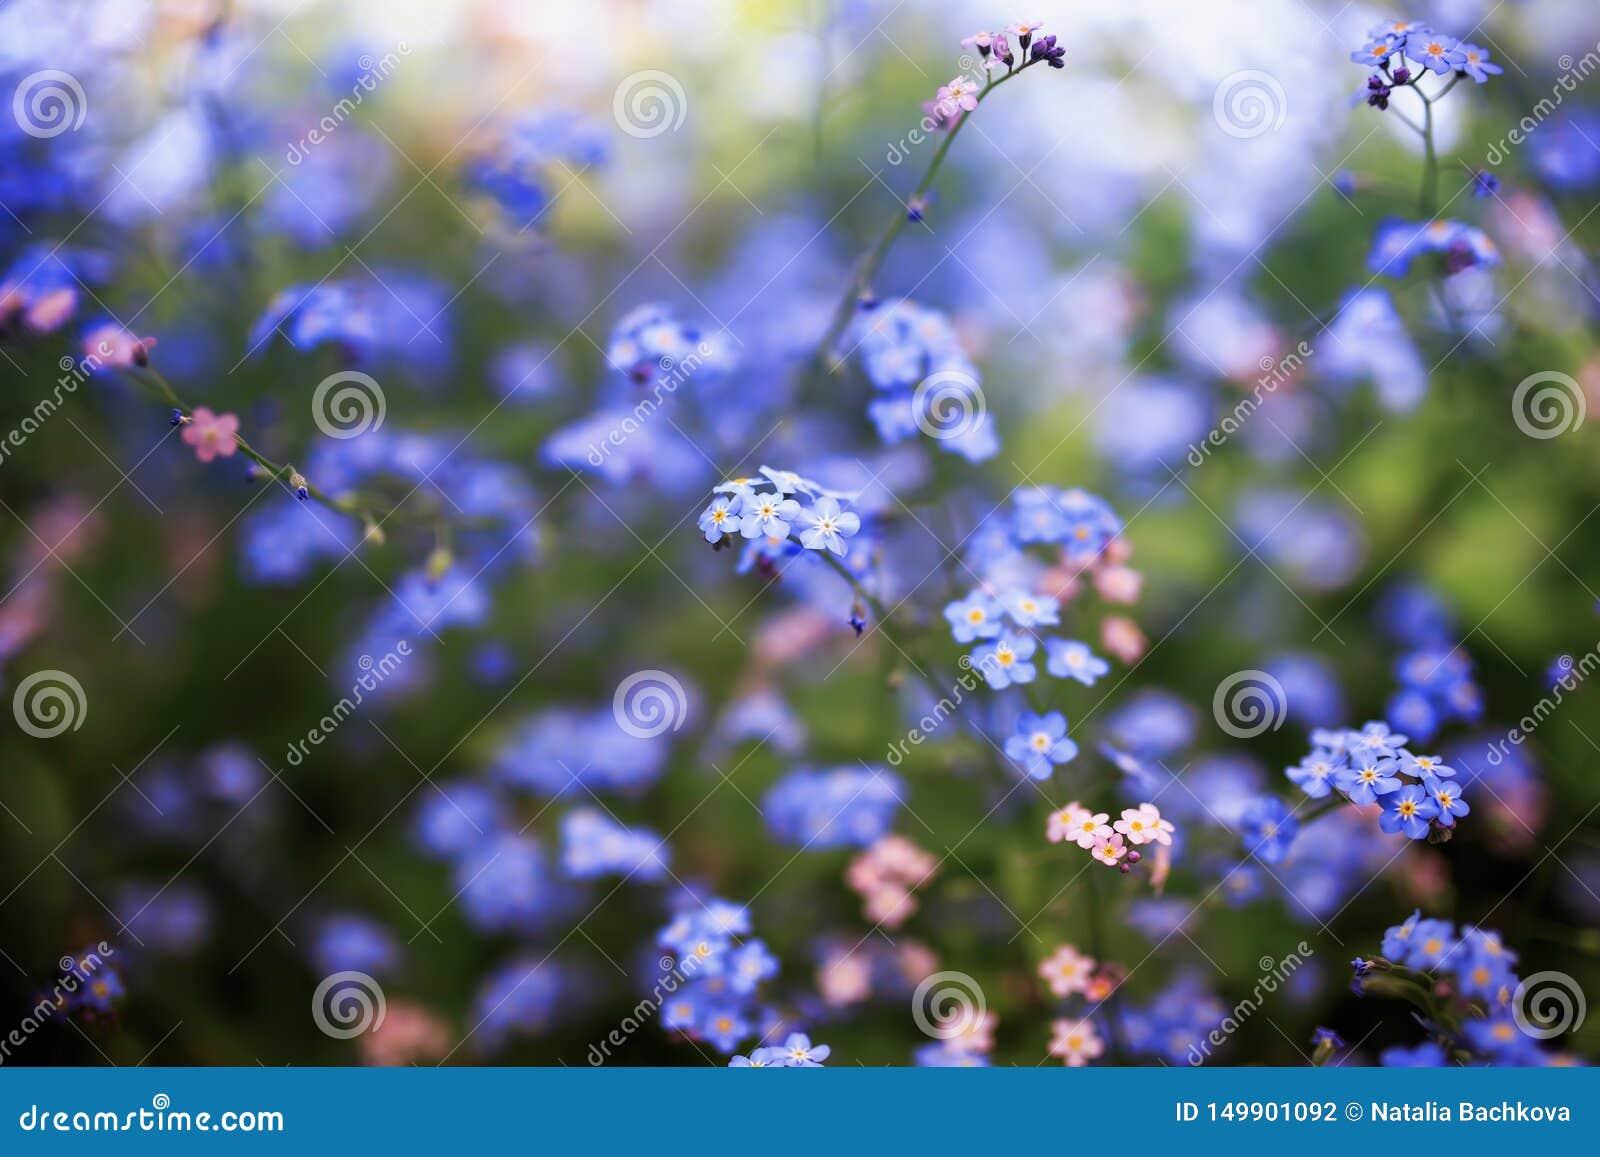 Delikata förgätmigejblommor av olika skuggor av blått och rosa färger fick den trötta på våren soliga trädgården